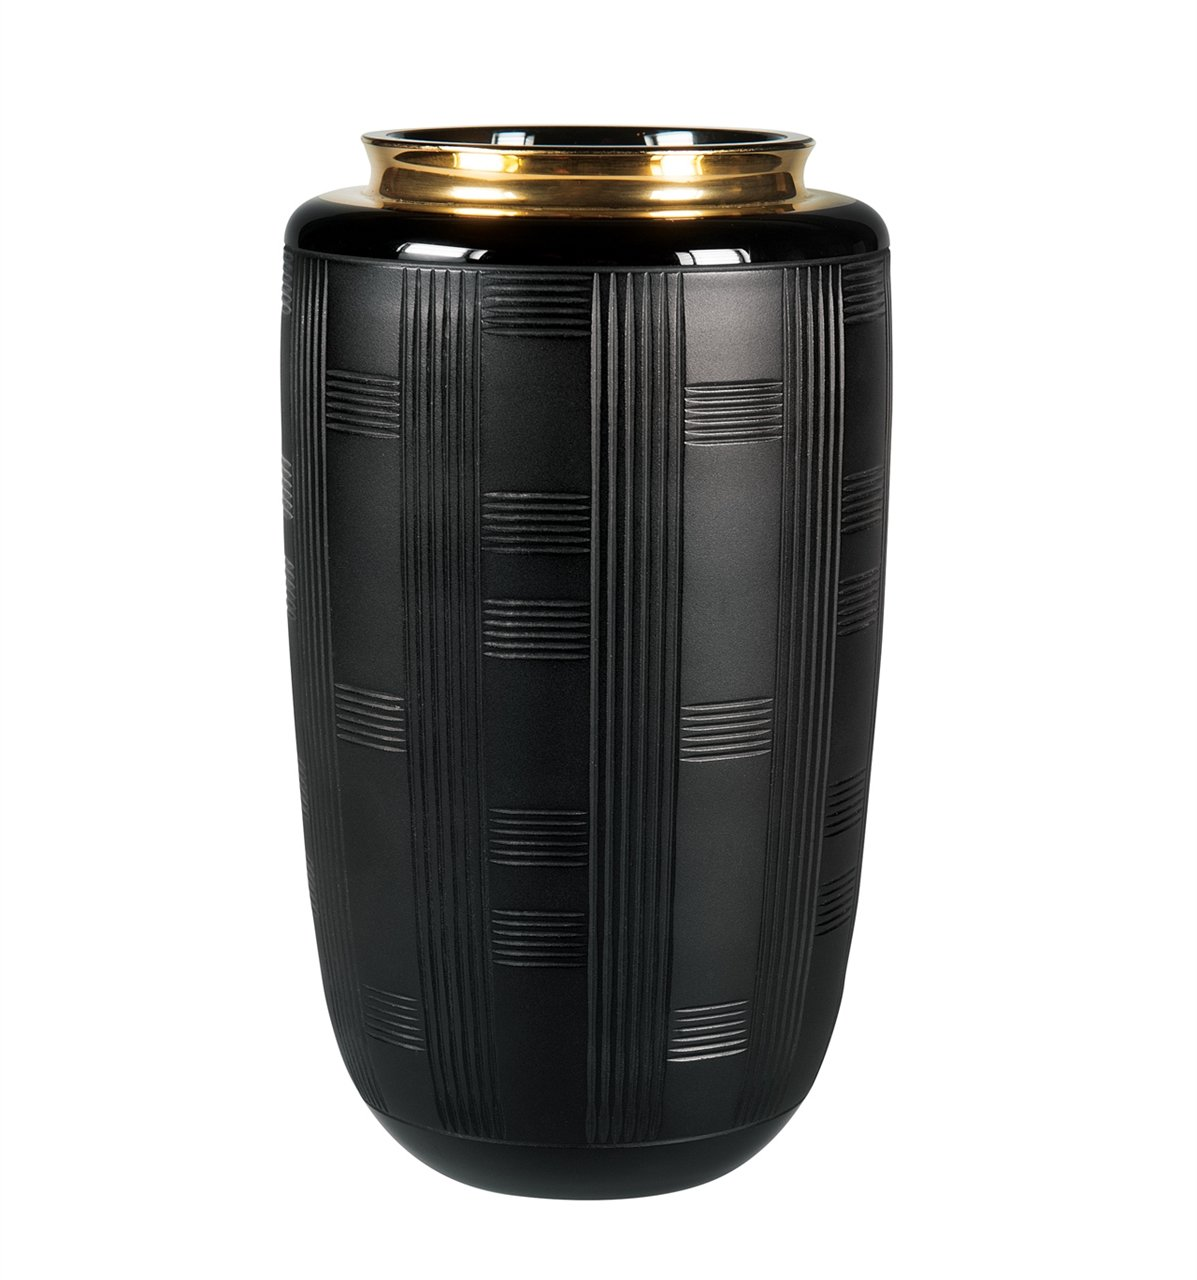 VISTA ALEGRE - Jet Black (Ref # 49000194) Case with Small Vase by VISTA ALEGRE - Jet Black (Ref # 49000194) Case with Small Vase